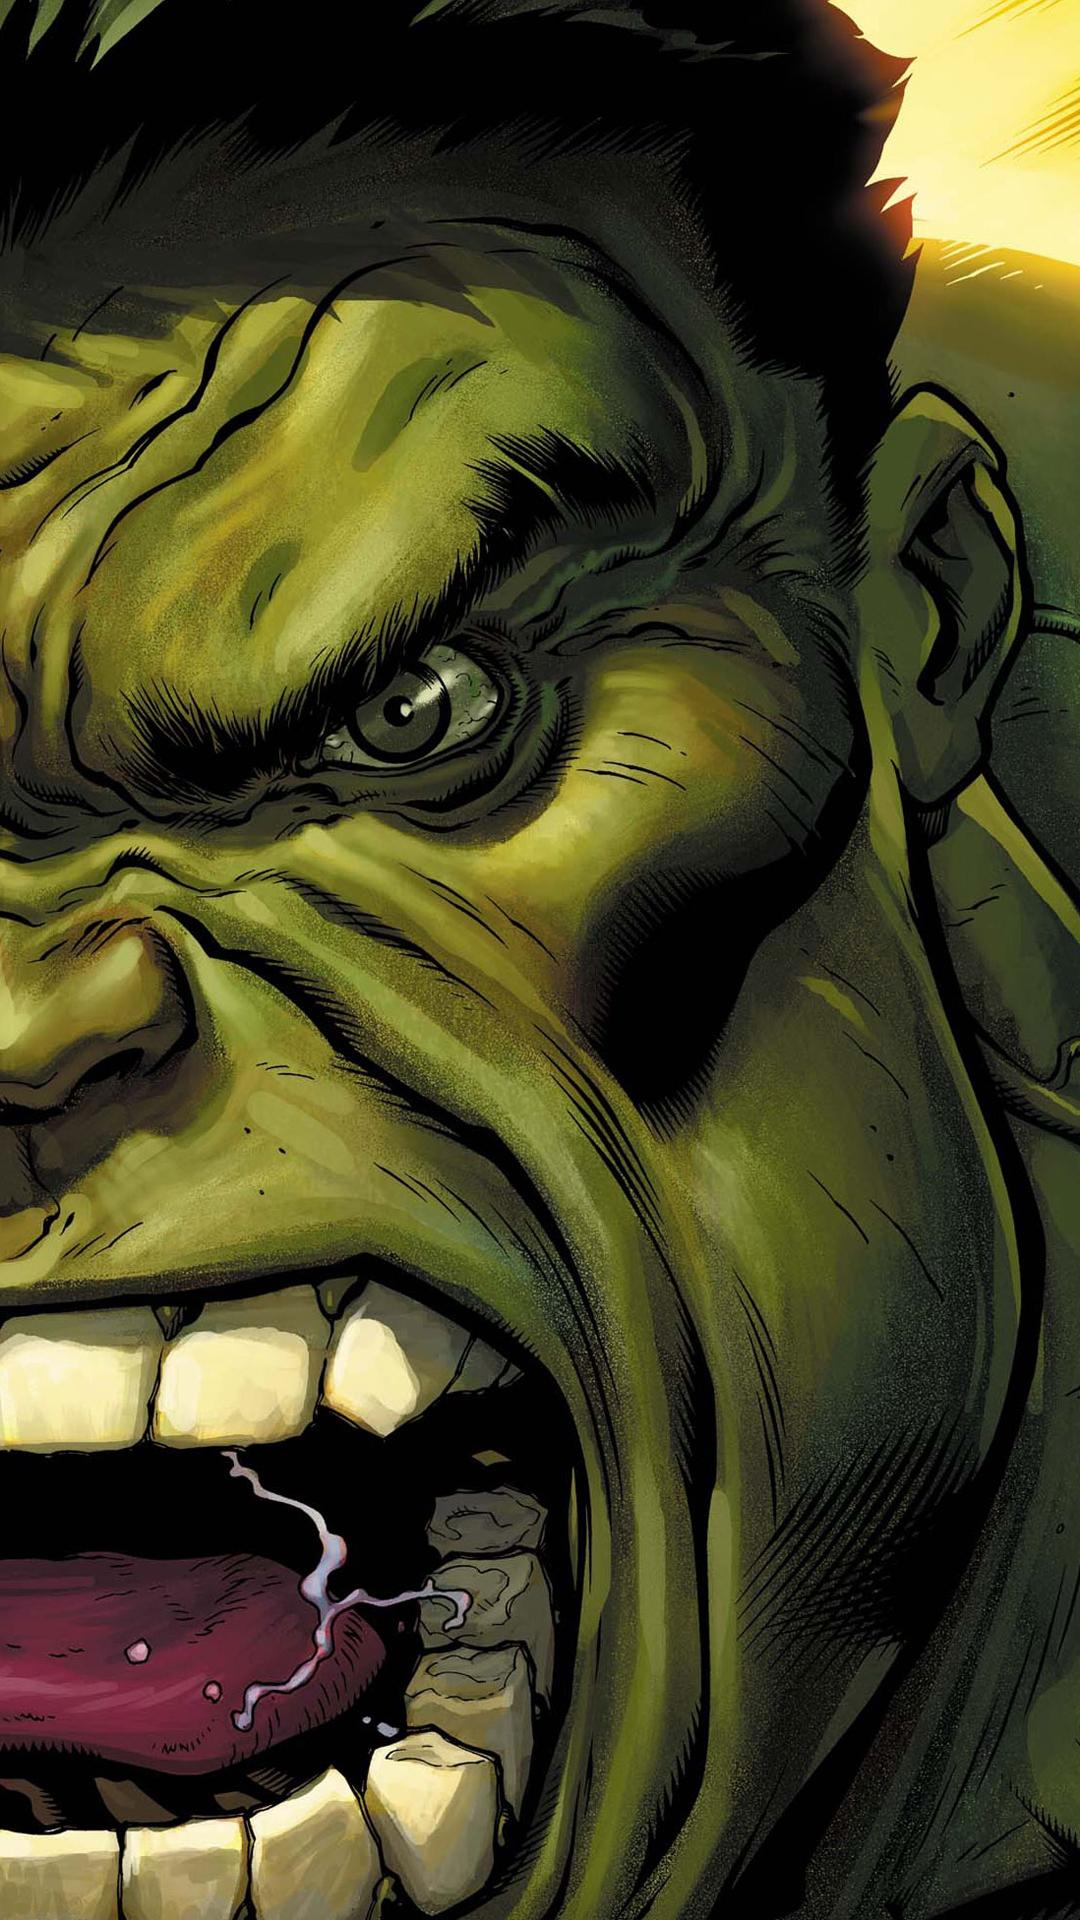 Hd wallpaper hulk - The Avengers Hulk Green Face